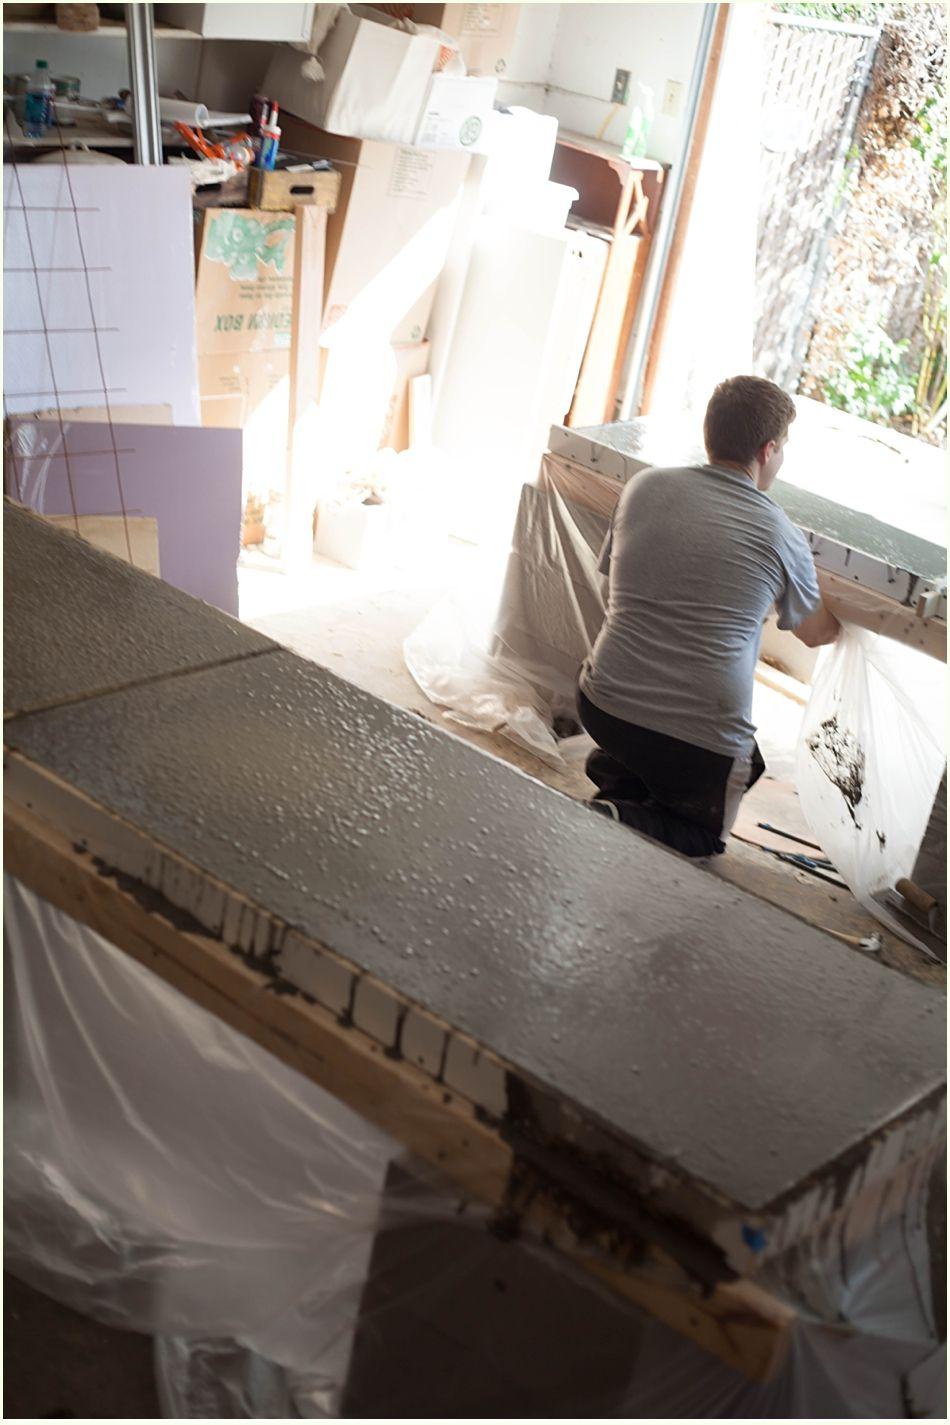 bricolaje encimeras de hormign y una de la cocina ejecutar para resplandor